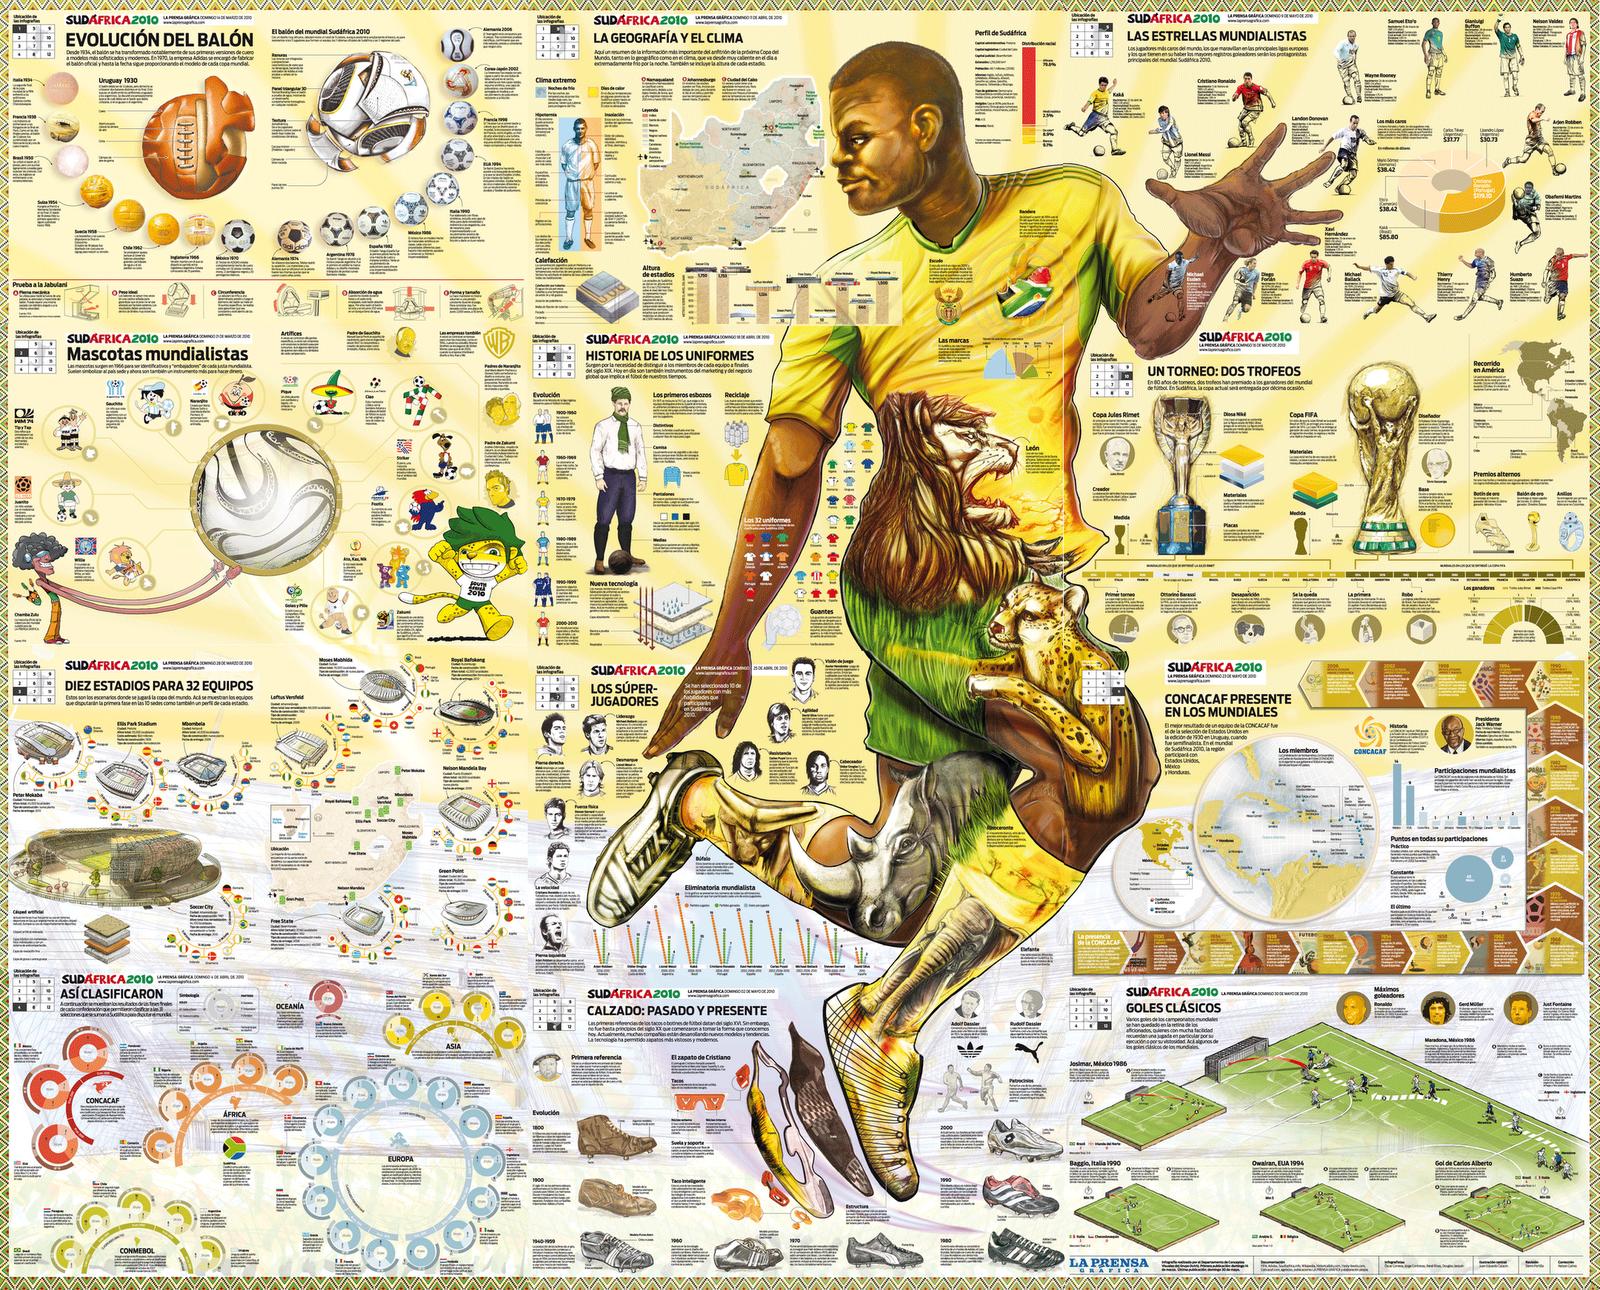 Чемпионат мира по футболу 2010 - инфографика фактов - мега постер